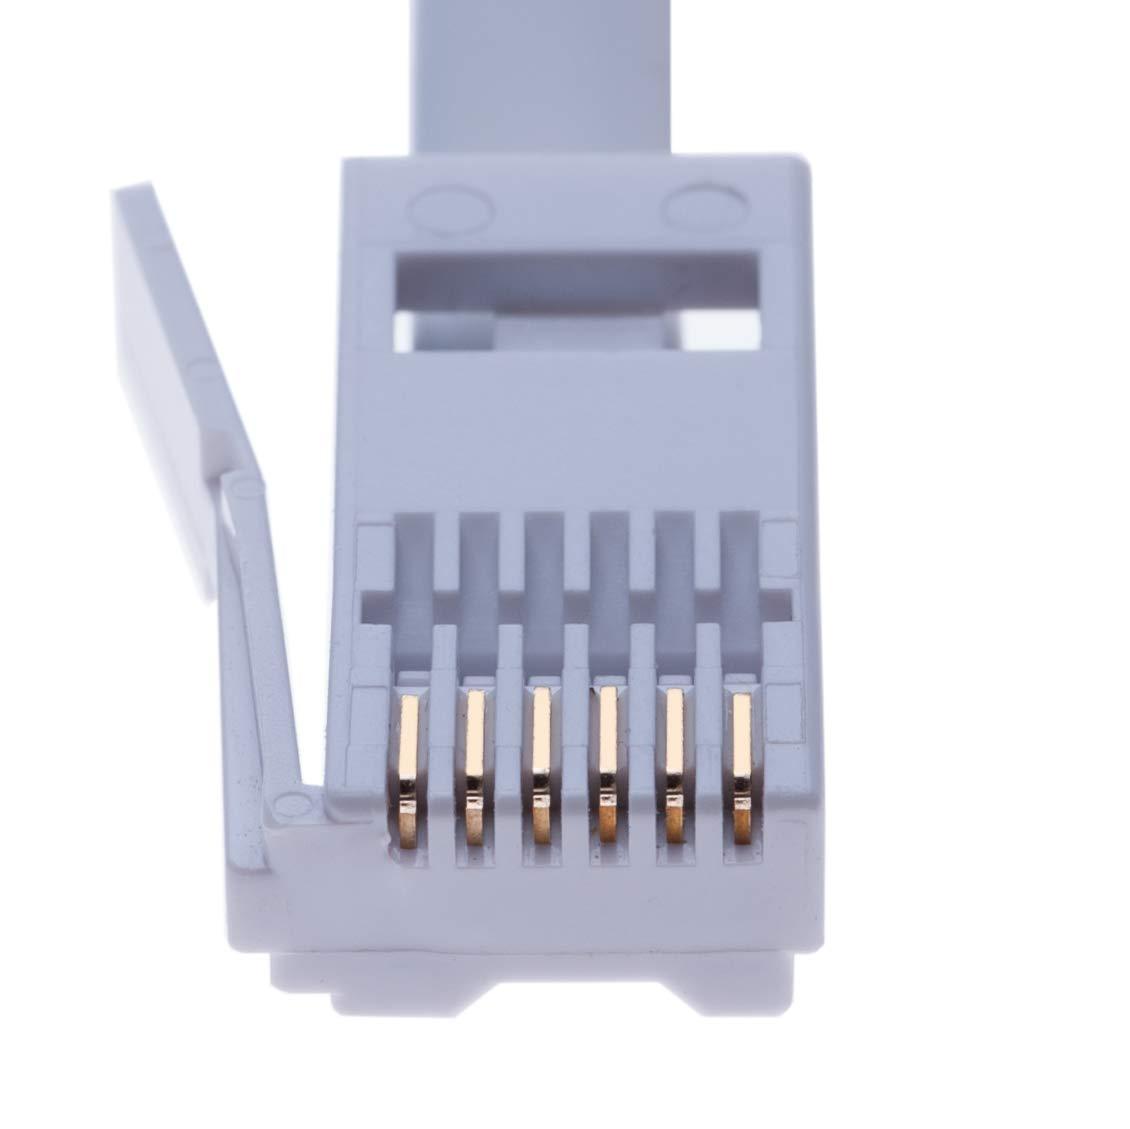 Combin/é Blanc Modem Fax Rallonge T/él/éphonique 5m C/âble BT Plomb Plein 6 Fils De lhomme /à la Femme Fiche /à Prise de Courant pour Le Bureau et la Maison Large Bande Compatible avec T/él/éphone